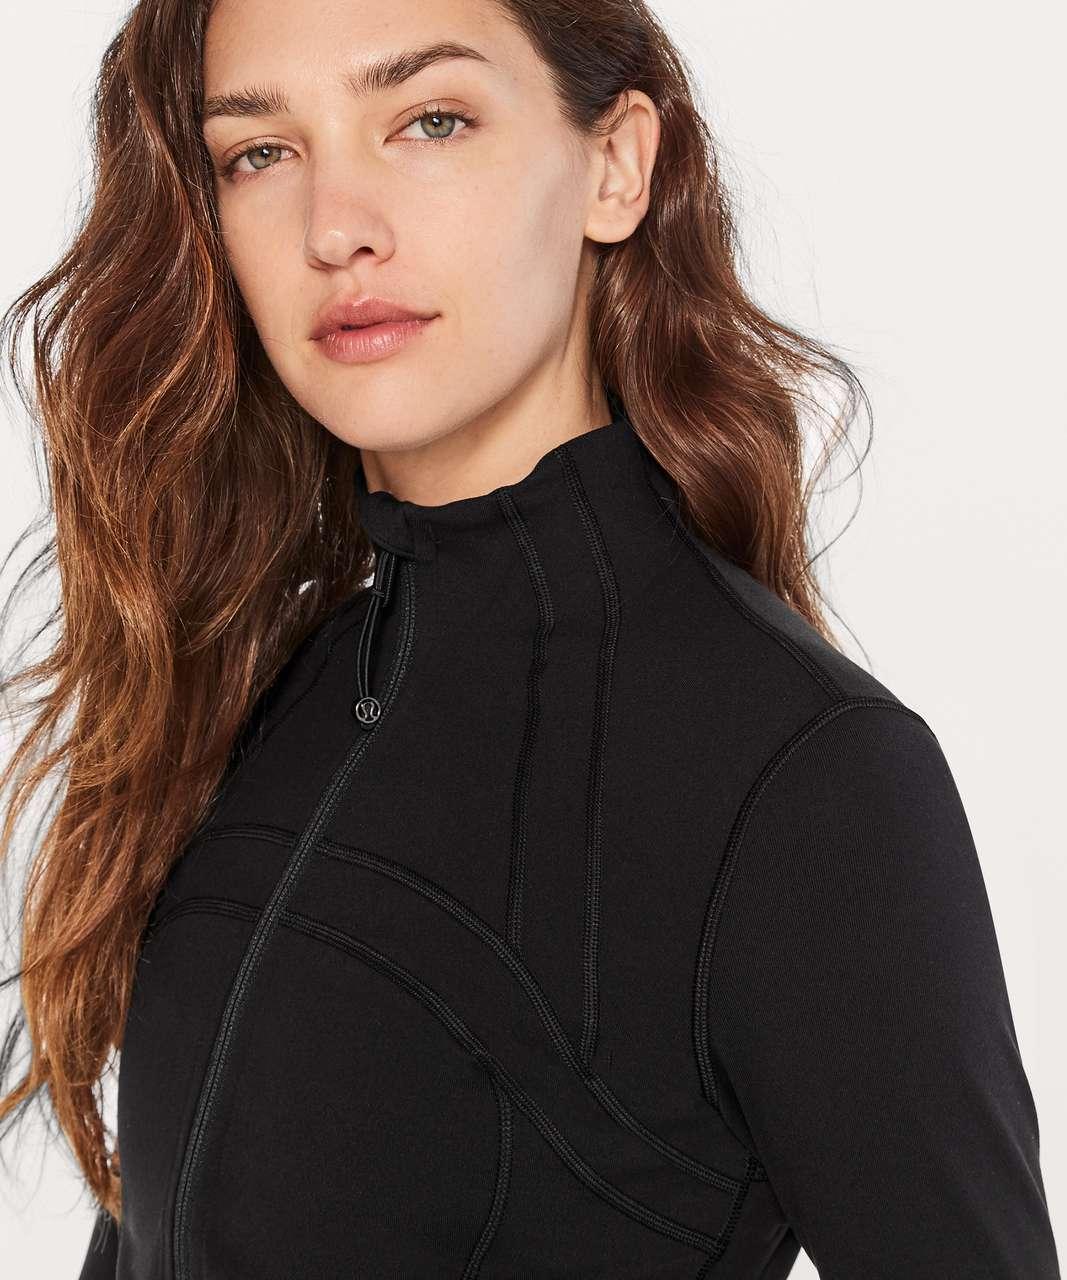 Lululemon Define Jacket (Pleat It) - Black